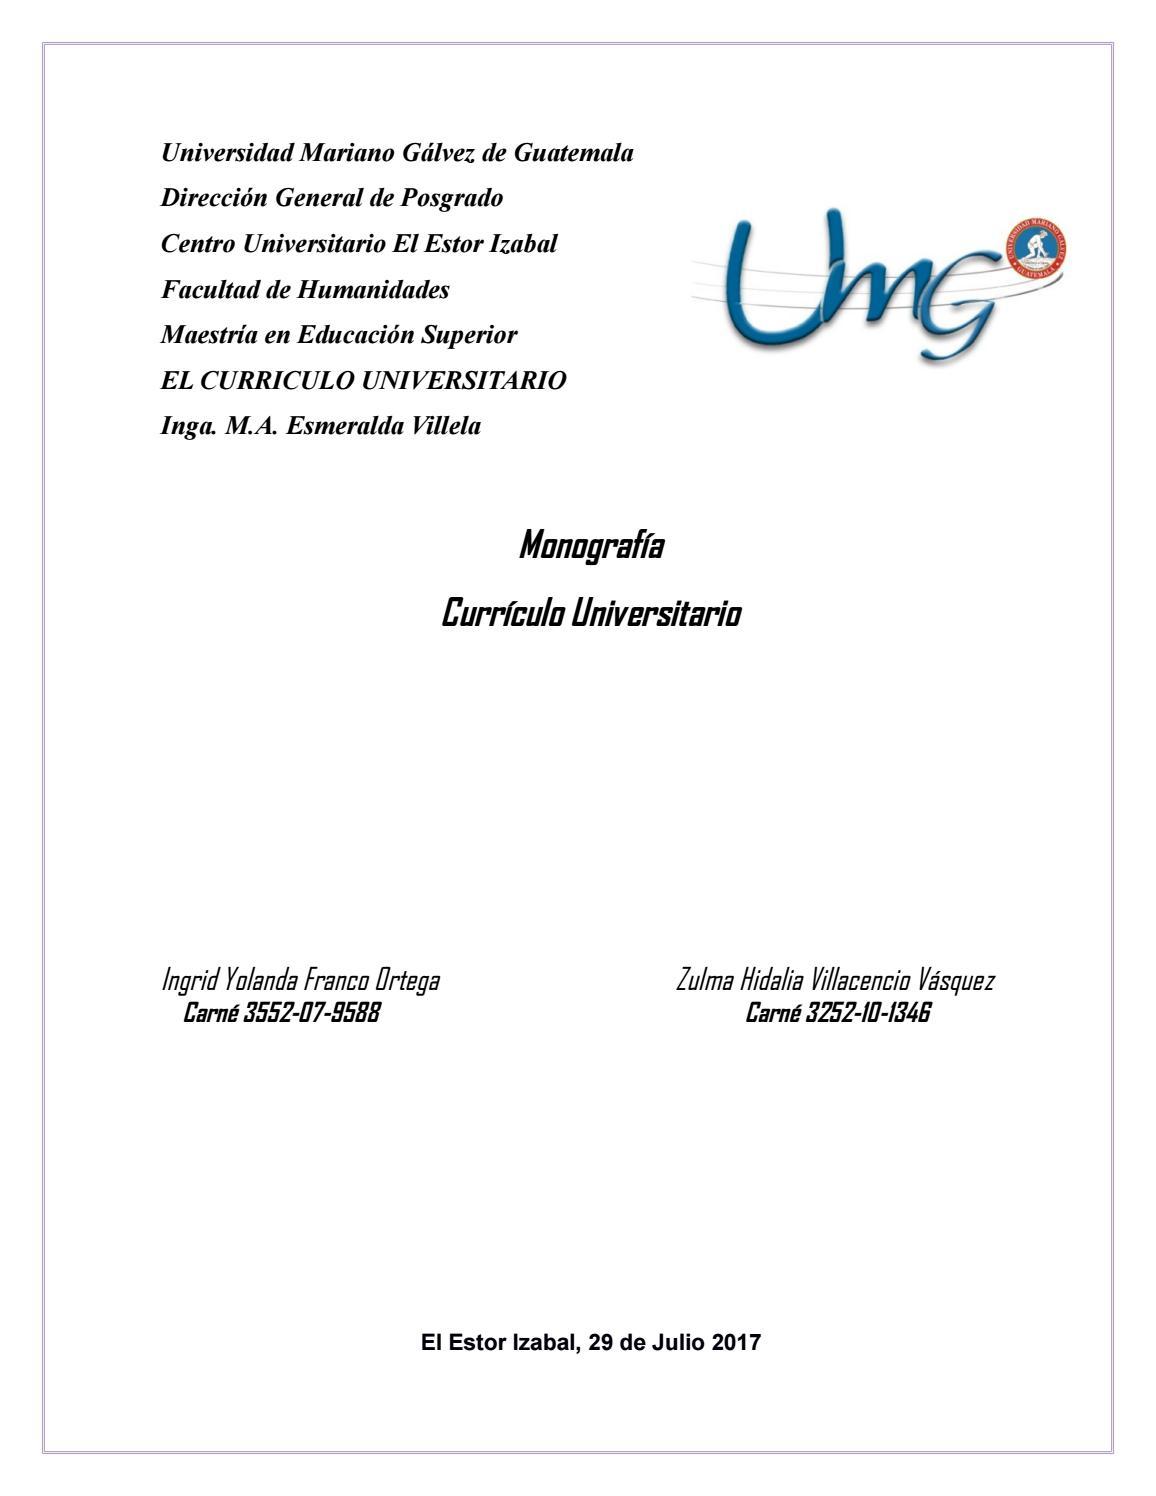 Monografía curriculo universitario by De Sagastume Zulma - issuu